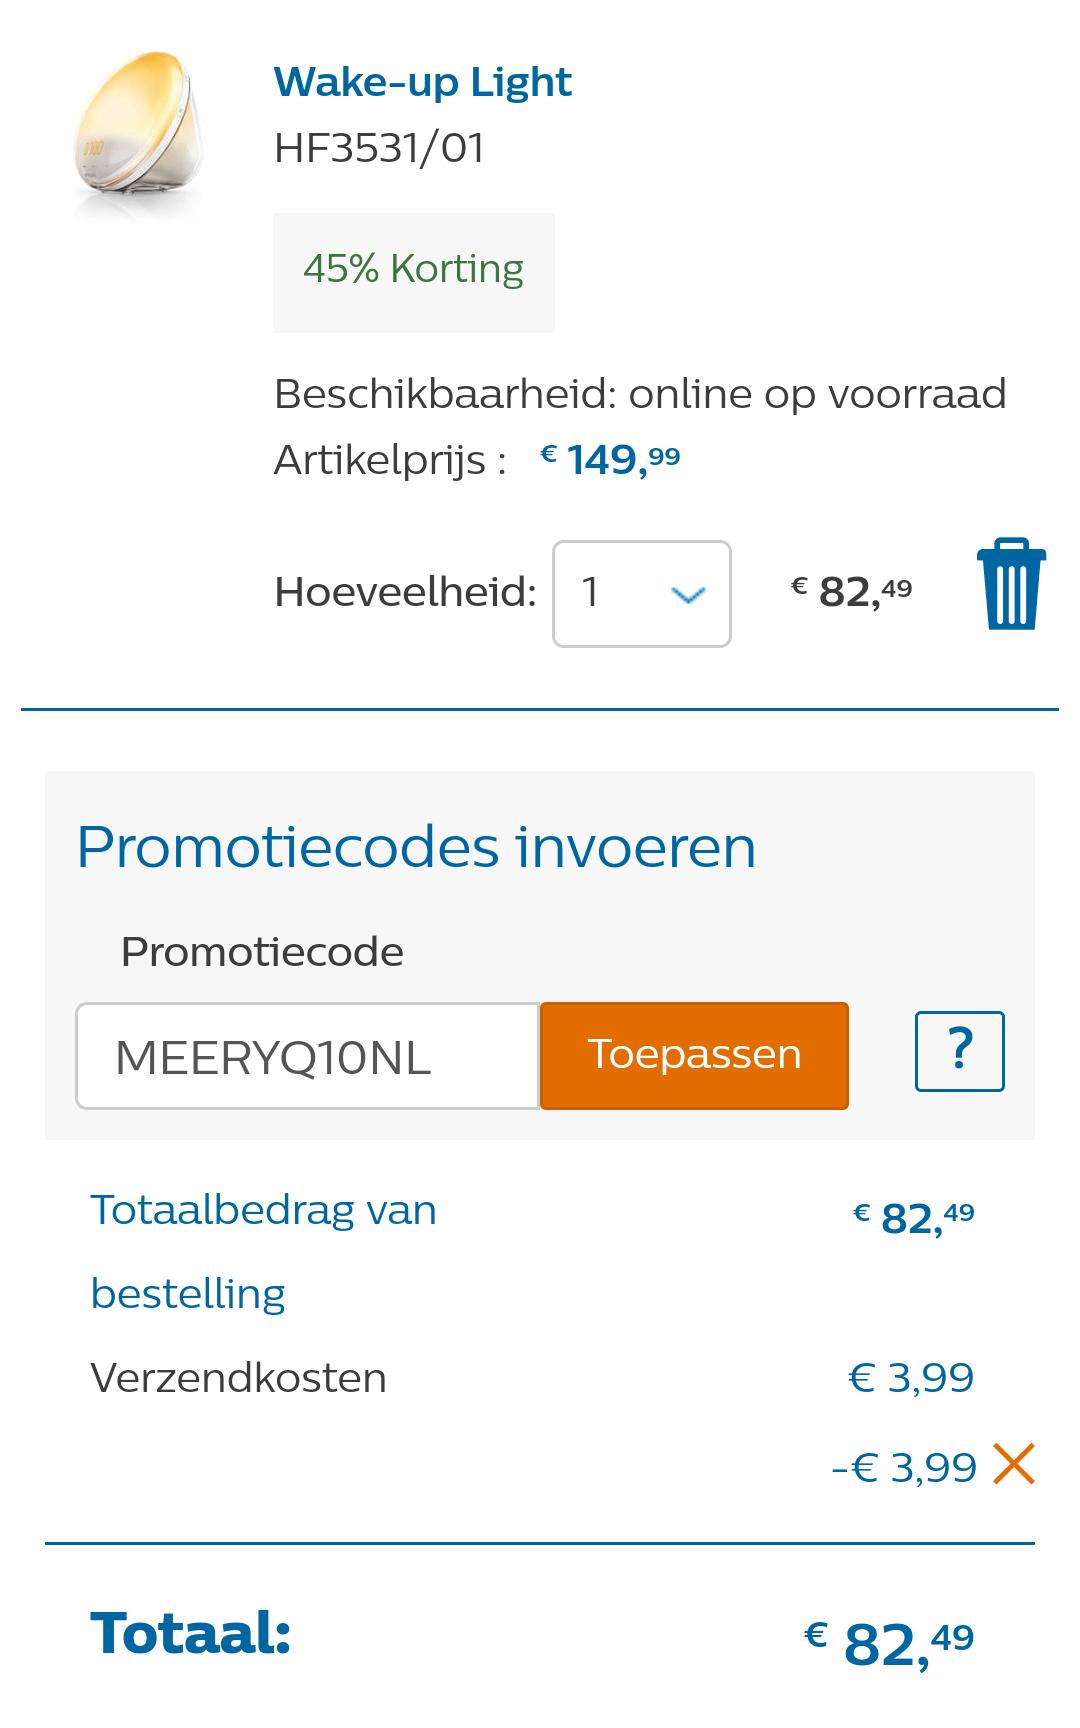 Philips Wake-up Light HF3531/01 nu met 45% korting voor €82,49